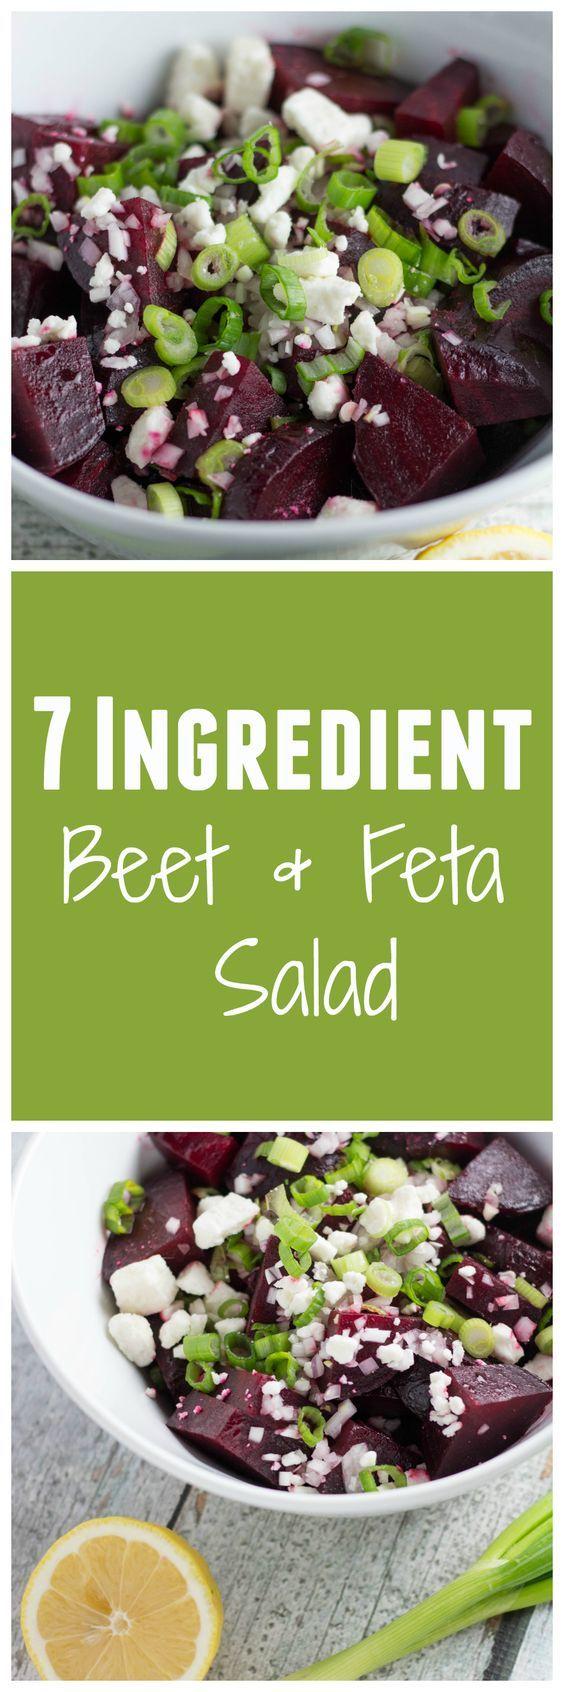 Flavorful Spring Salad! 7-Ingredient Beet and Feta Salad is one for the books! |Krollskorner.com